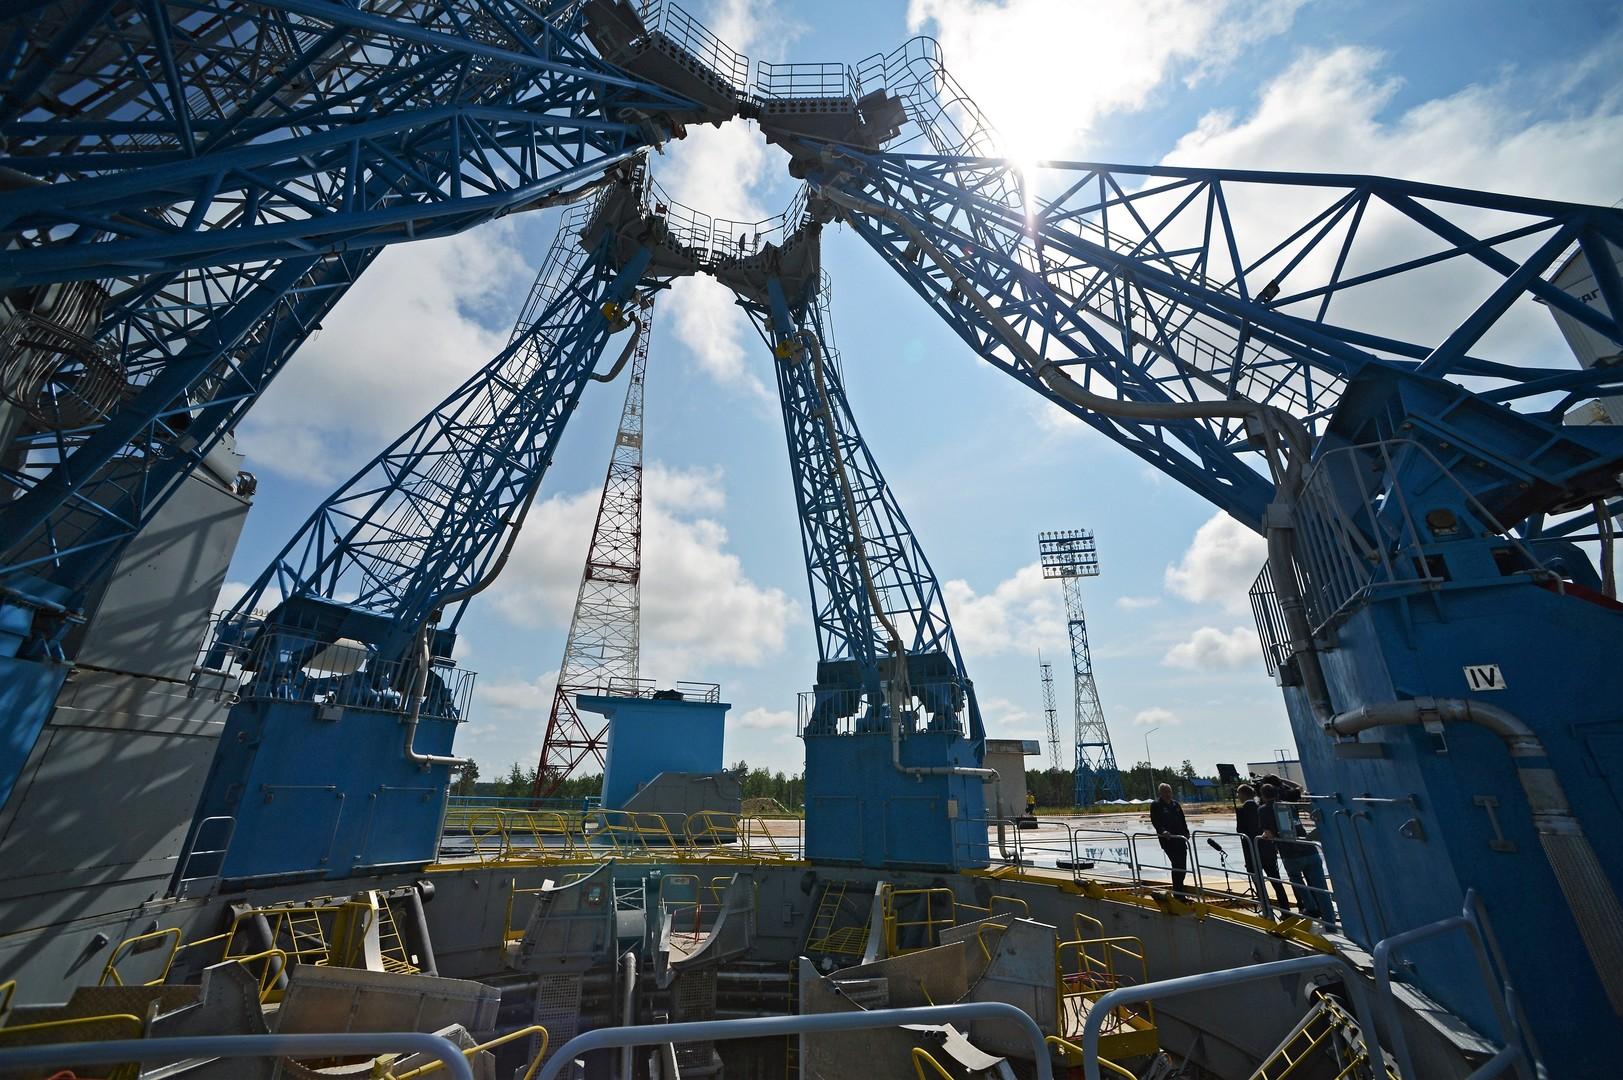 60 Jahre Sputnik-Start: Russen sehen sich weiterhin als führende Raumfahrtnation